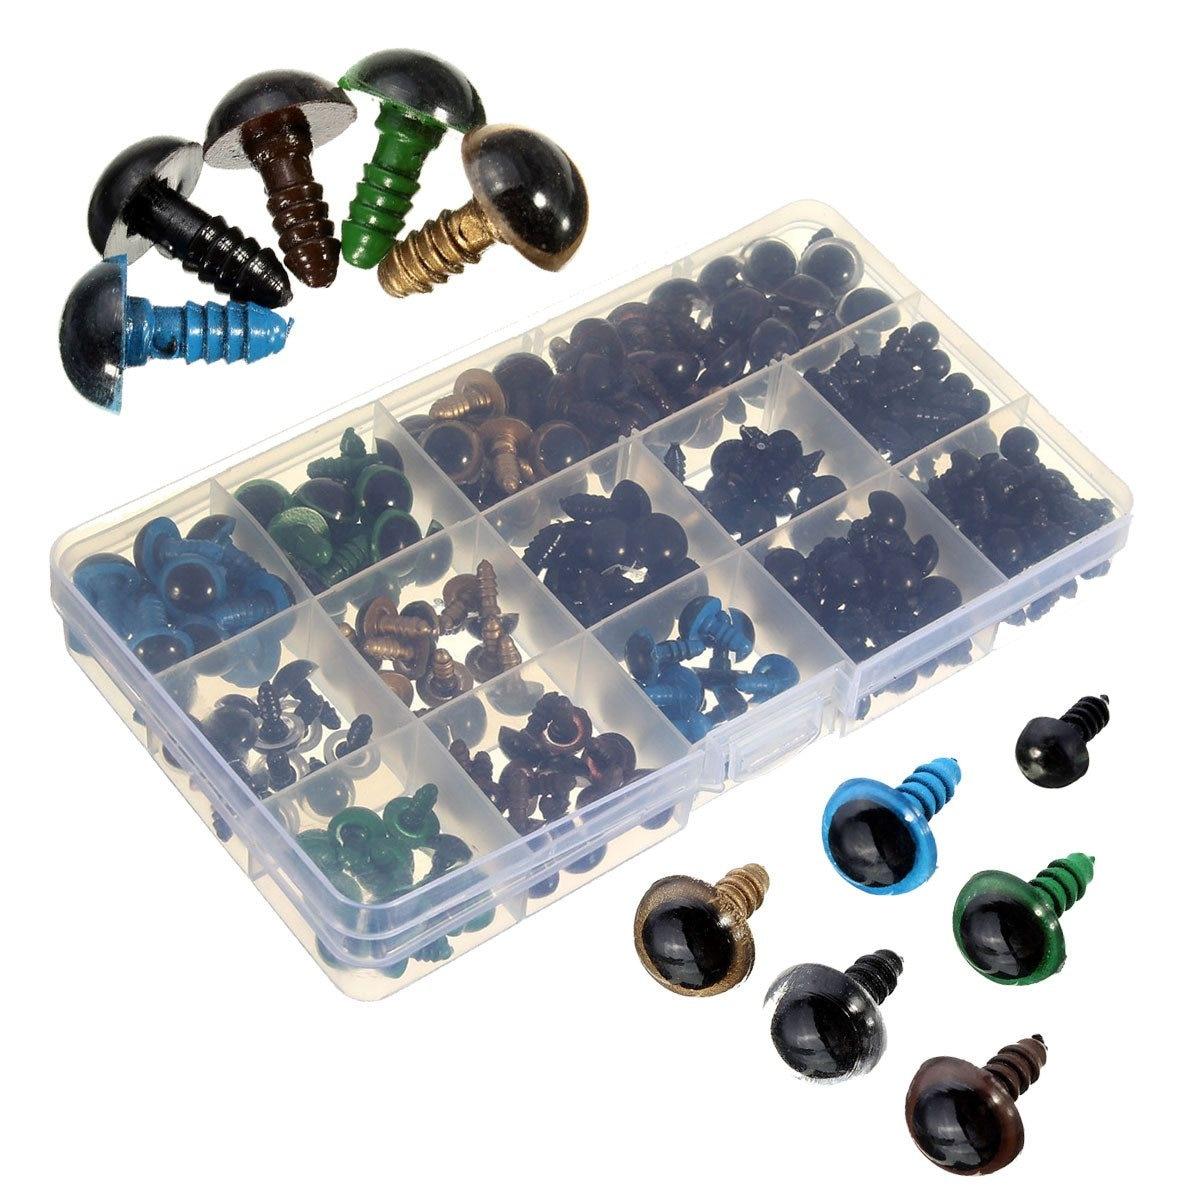 264 pcs DIY Plástico Olhos Bonecas Part6-12mm Preto 10/12mm Colorido Segurança Olhos Para Urso De Pelúcia Boneca Animal artesanato Bonecas Acessórios